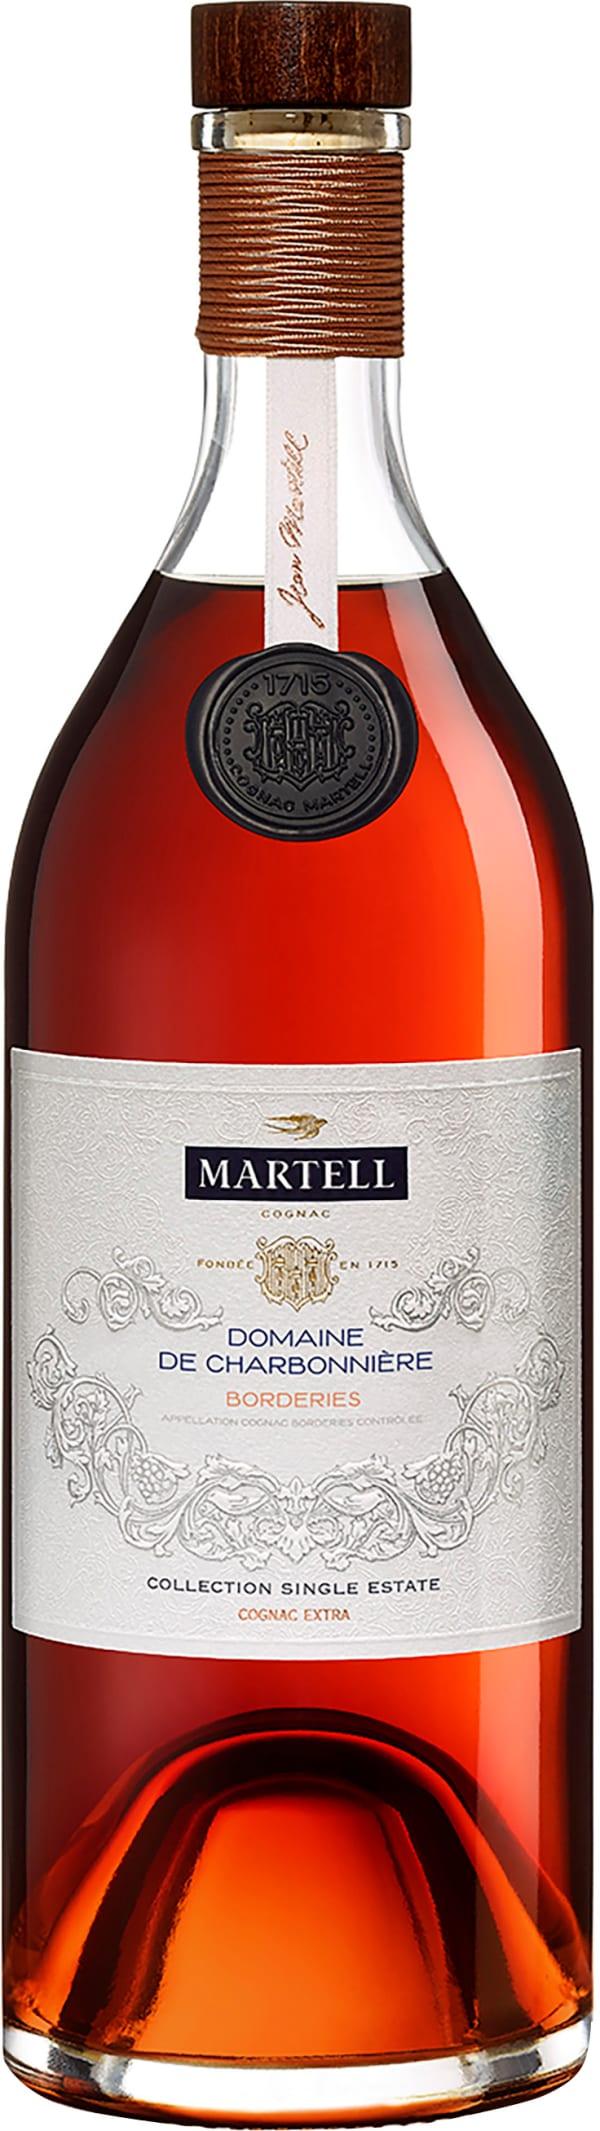 Martell Single Estate Collection Domaine de Charbonnière Cognac Extra